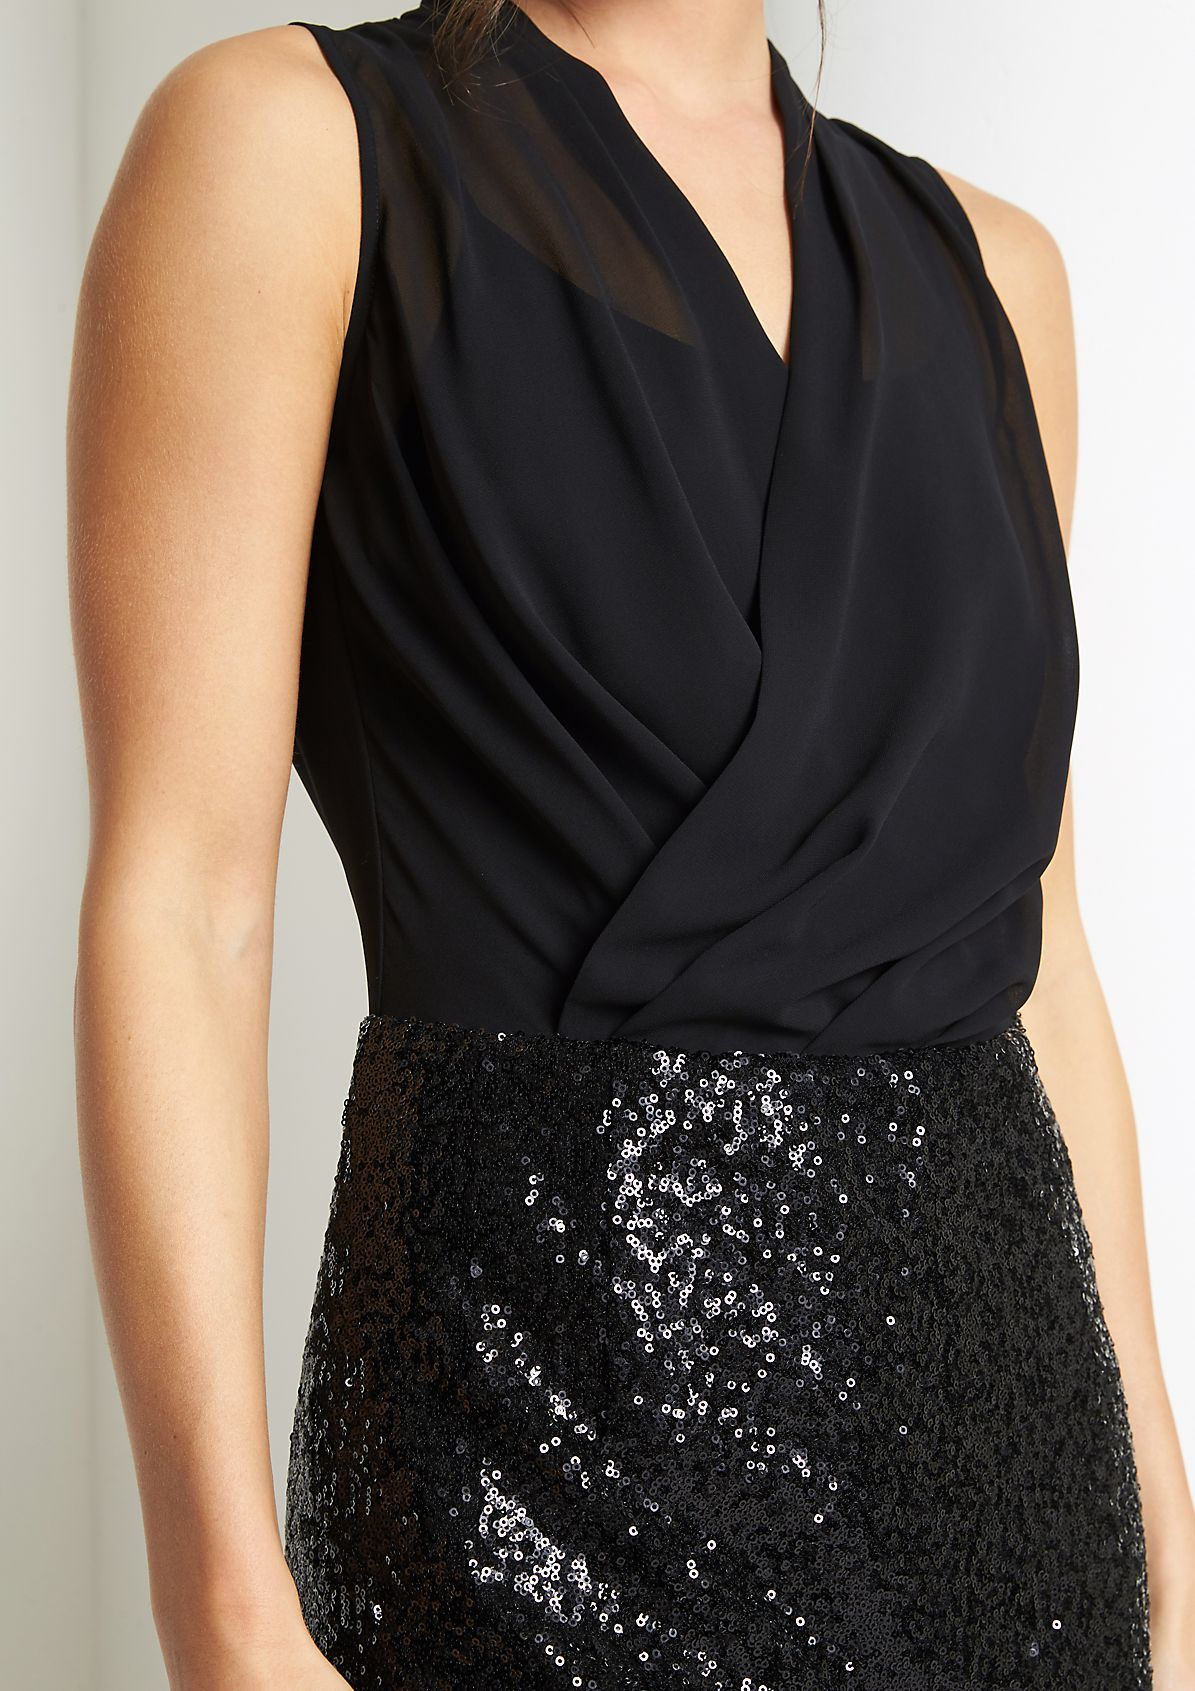 Abendkleid mit glitzernder Paillettenverzierung